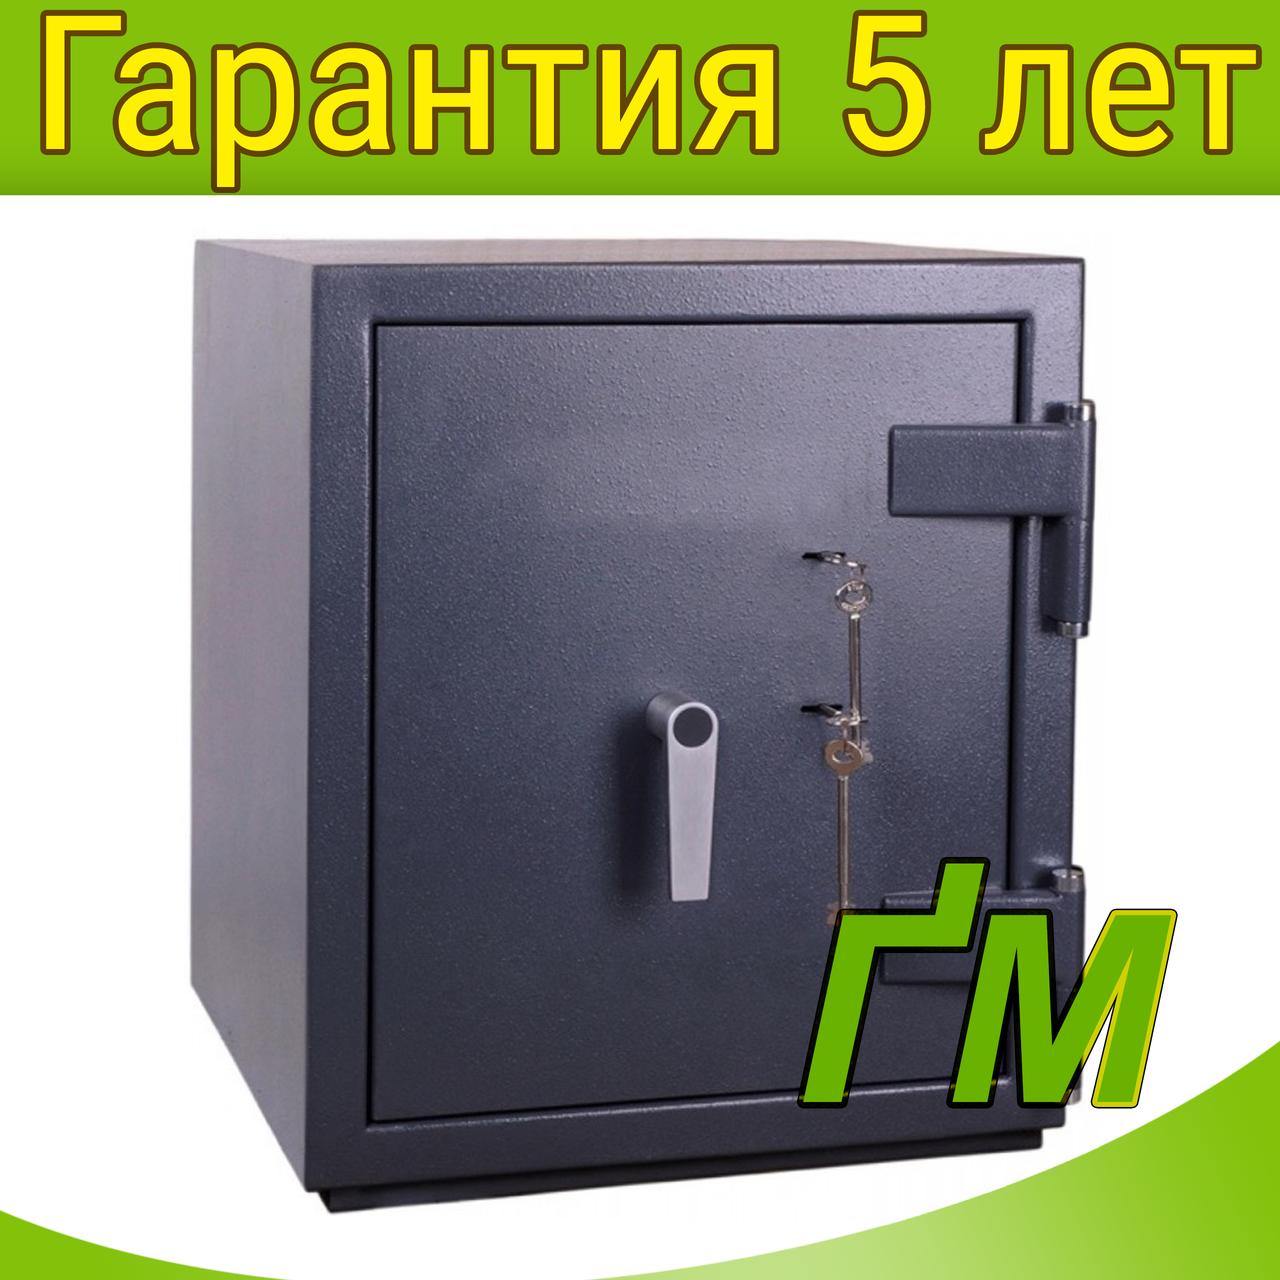 Сейф взломостойкий банковский CL II.70.K.K